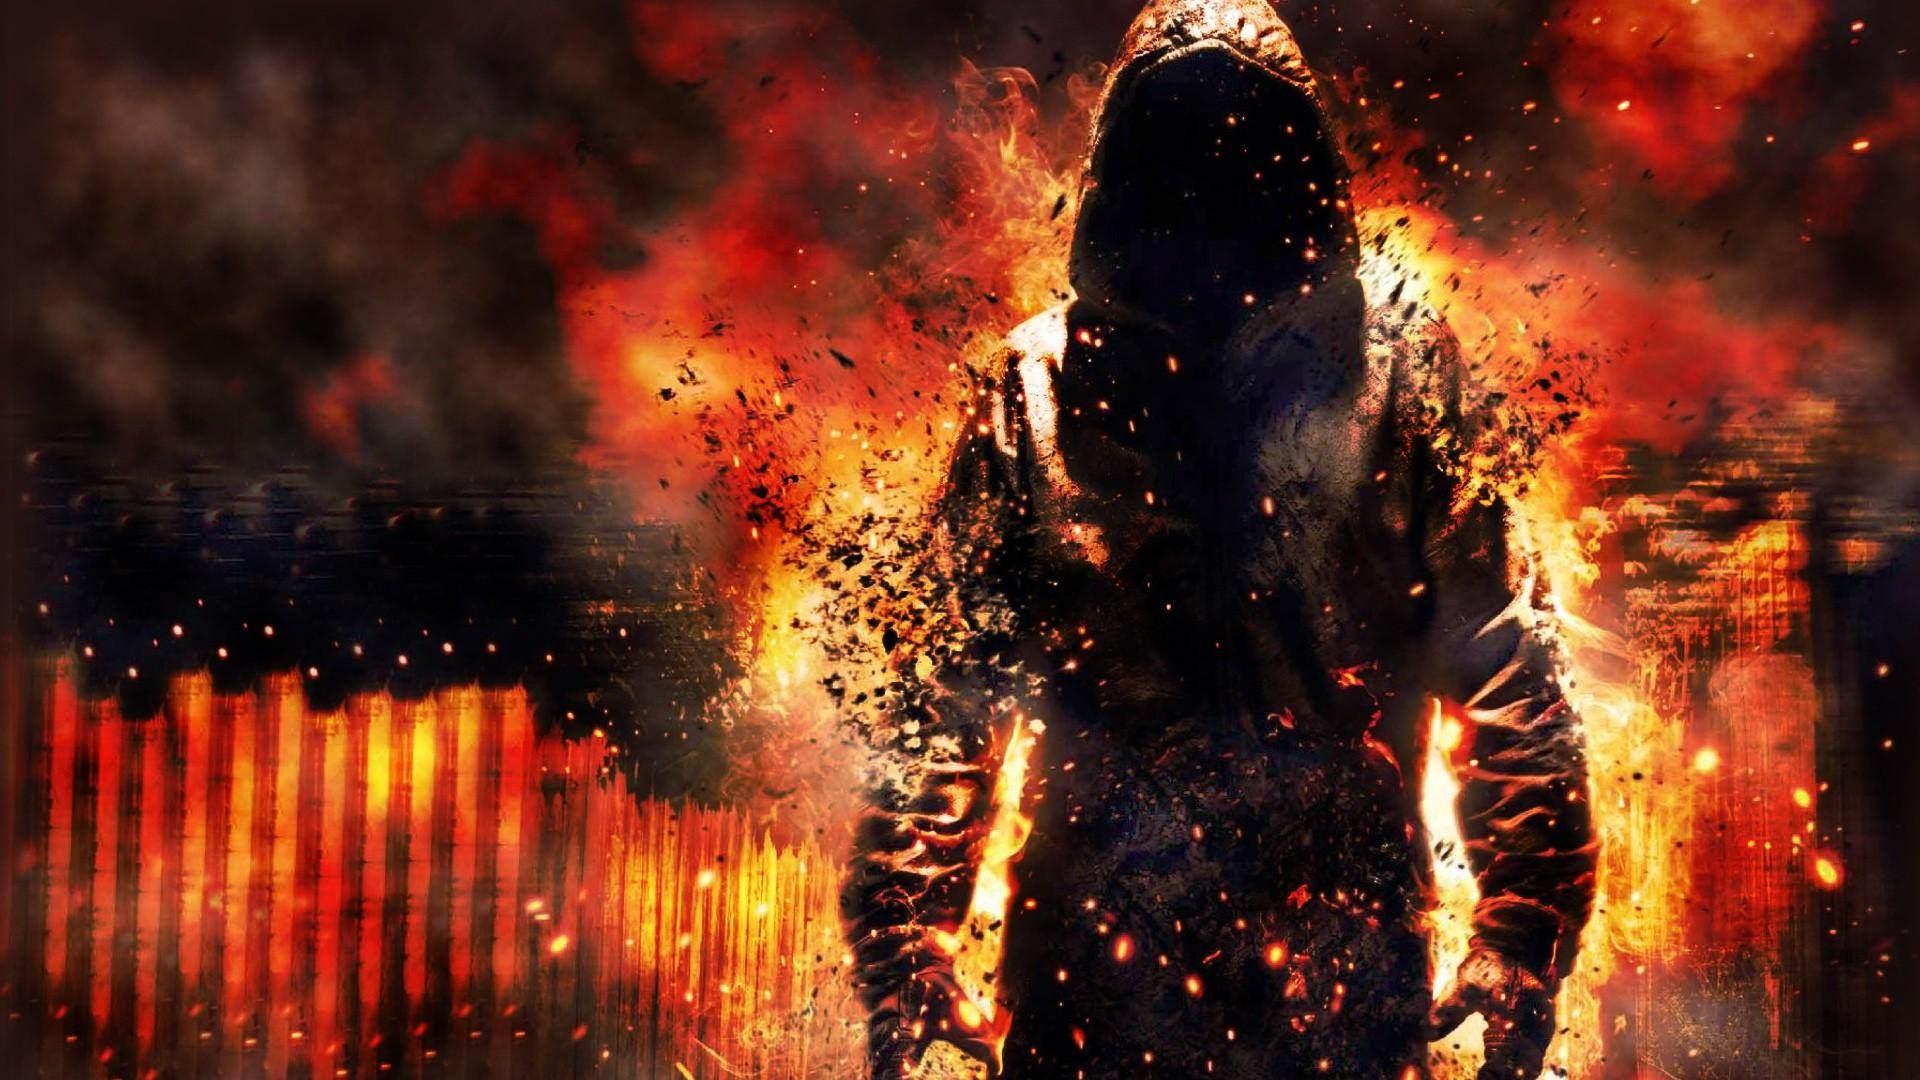 Fire Destruction Cape Beggi Man Wallpaper